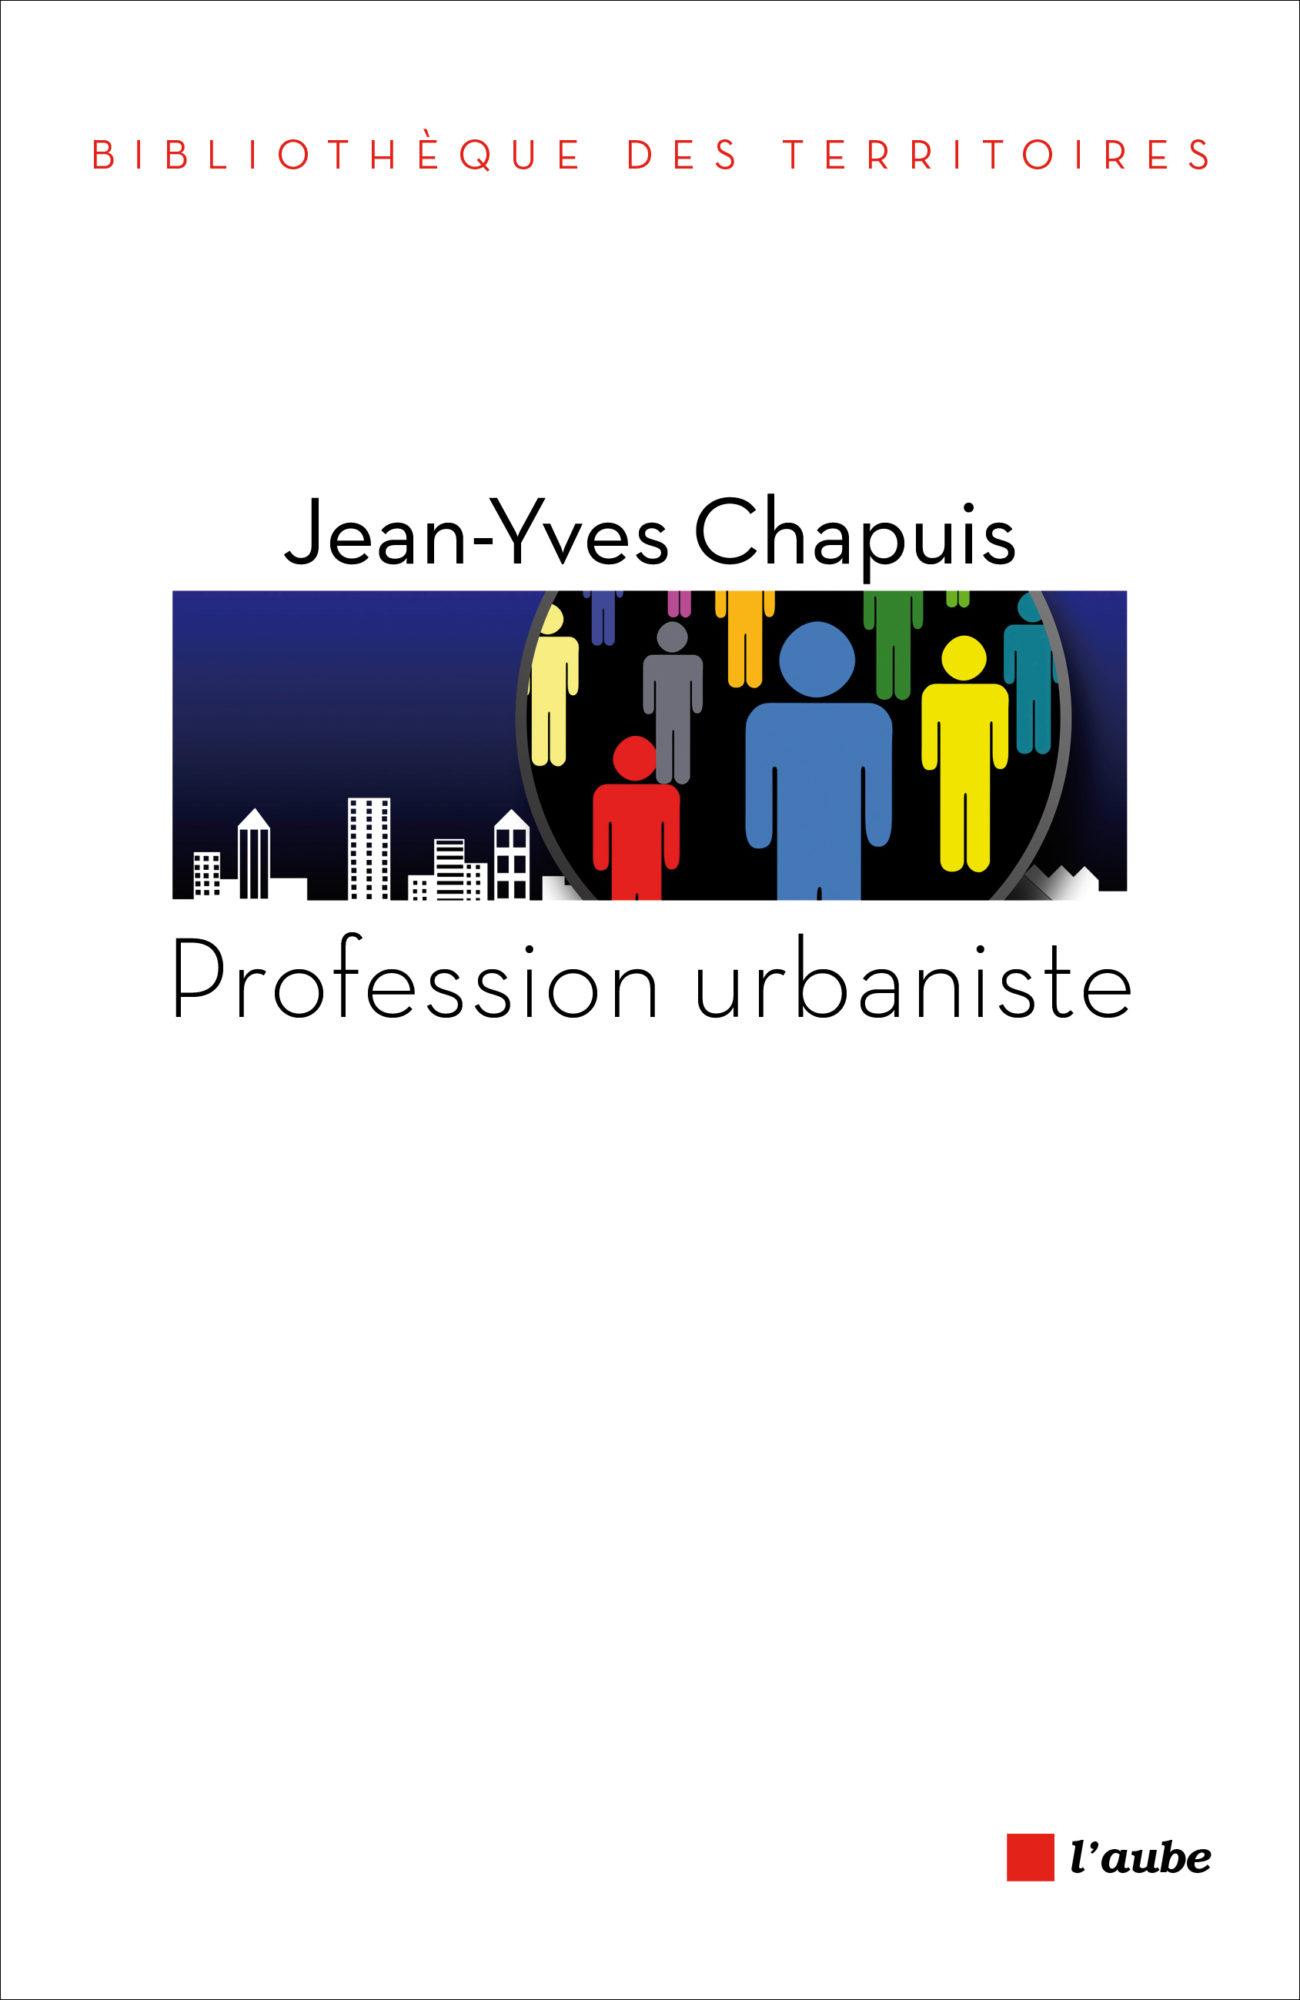 Profession urbaniste